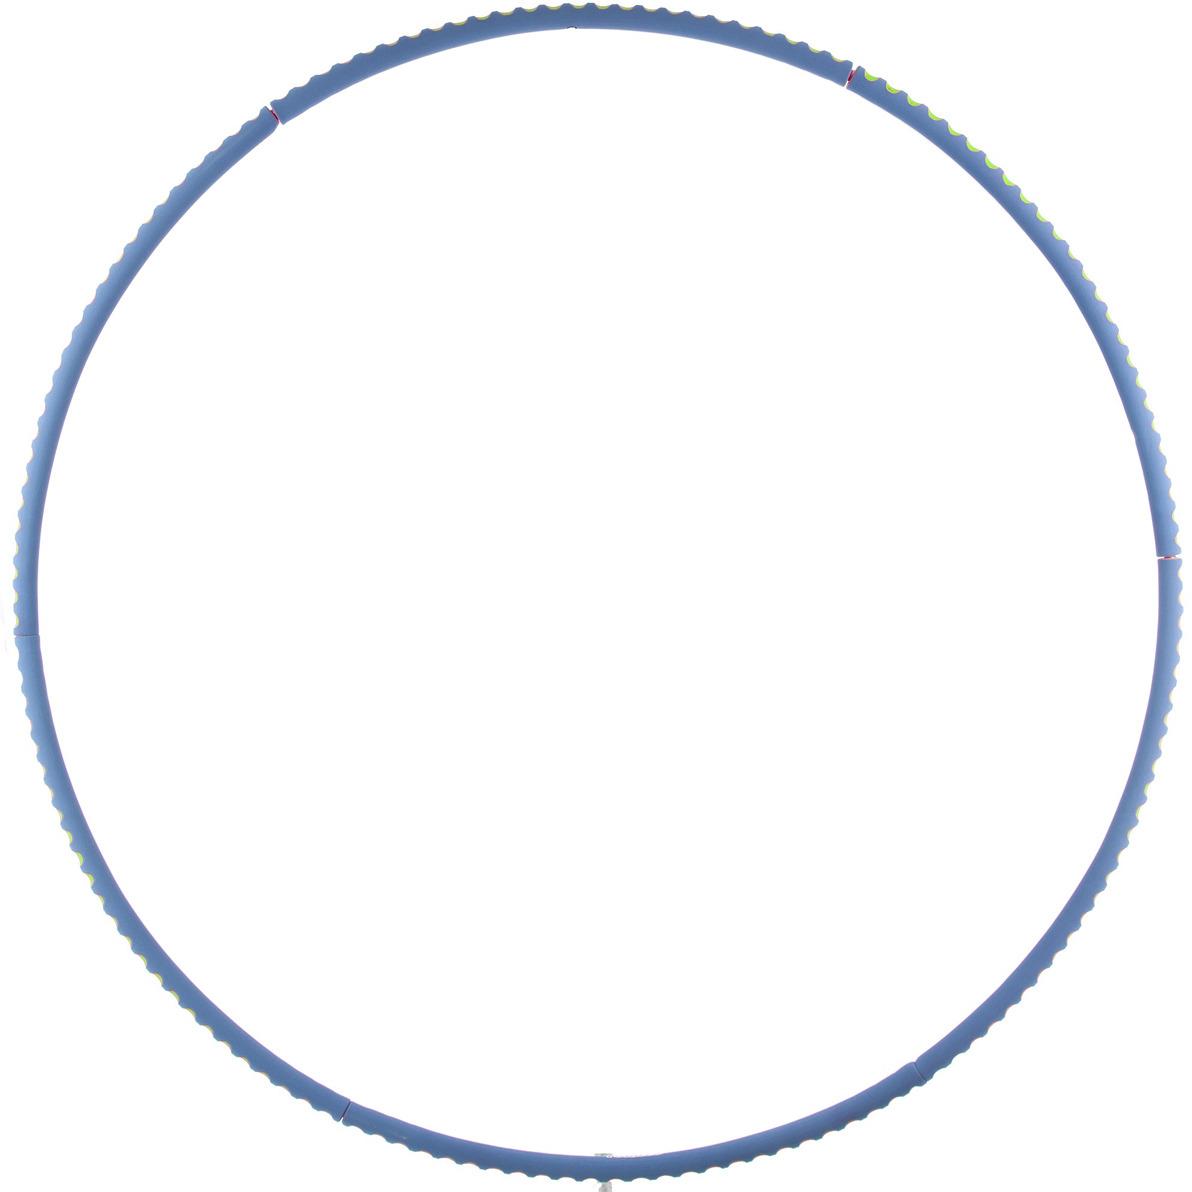 Обруч для фитнеса Torneo, цвет: синий torneo обруч массажный torneo magic bio